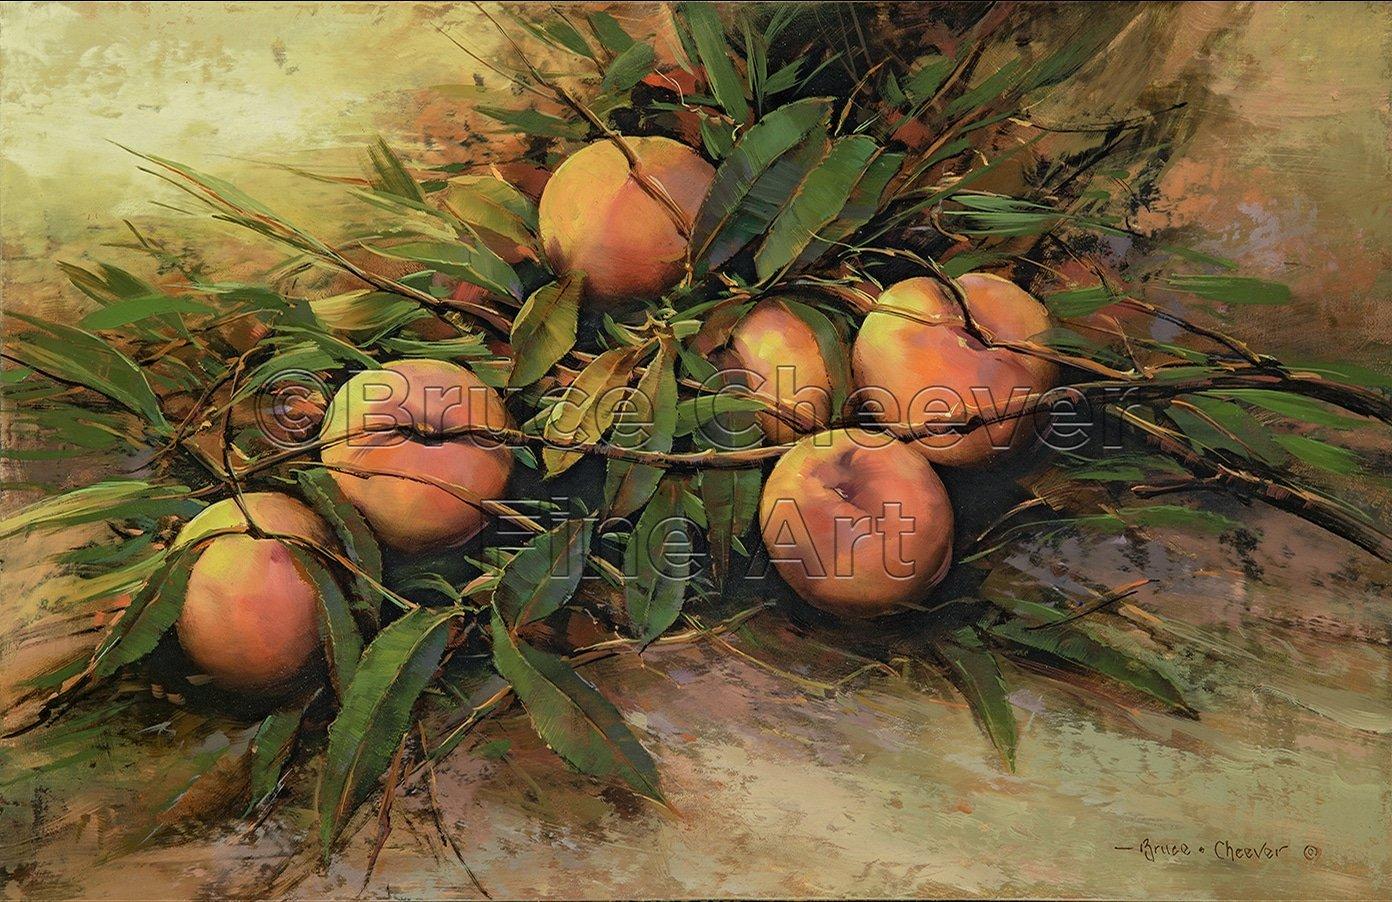 Cheever180509-01 Peaches